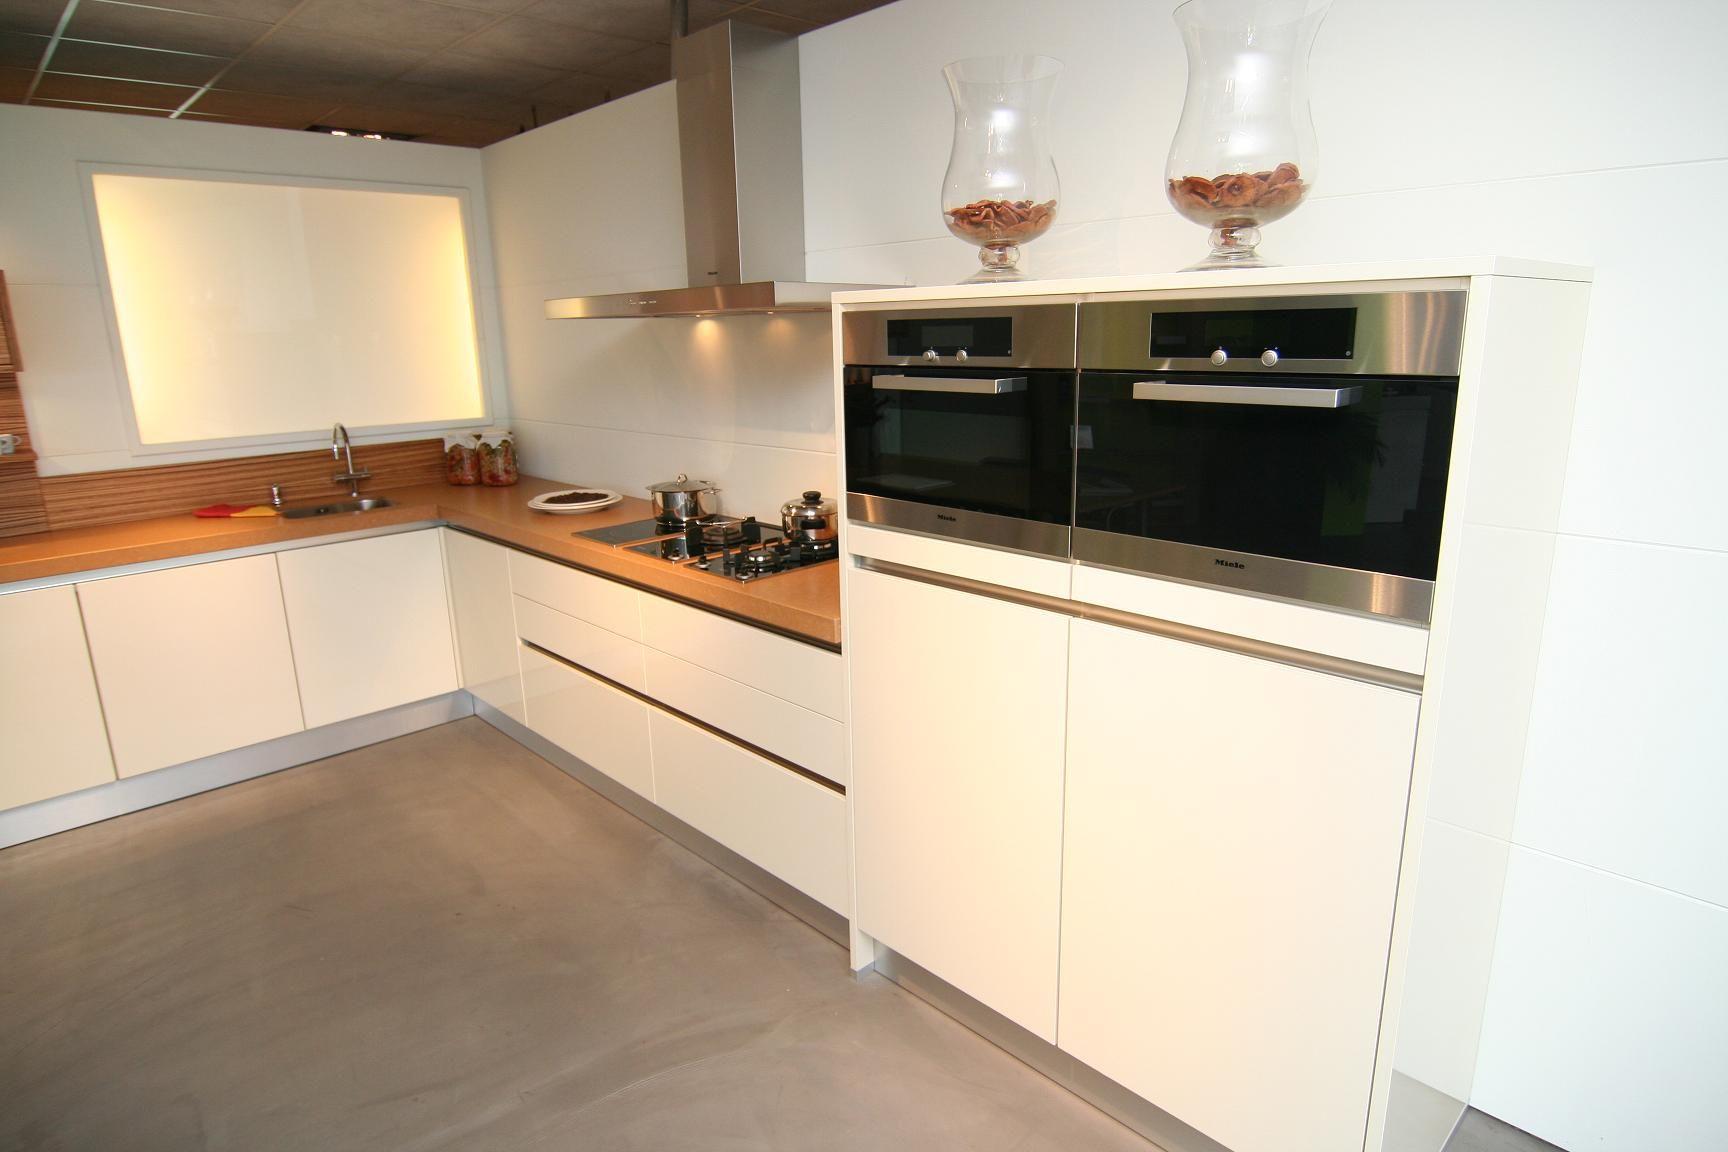 De voordeligste woonwinkel van nederland keller gl4000 creme 42807 - Keuken kleur ...